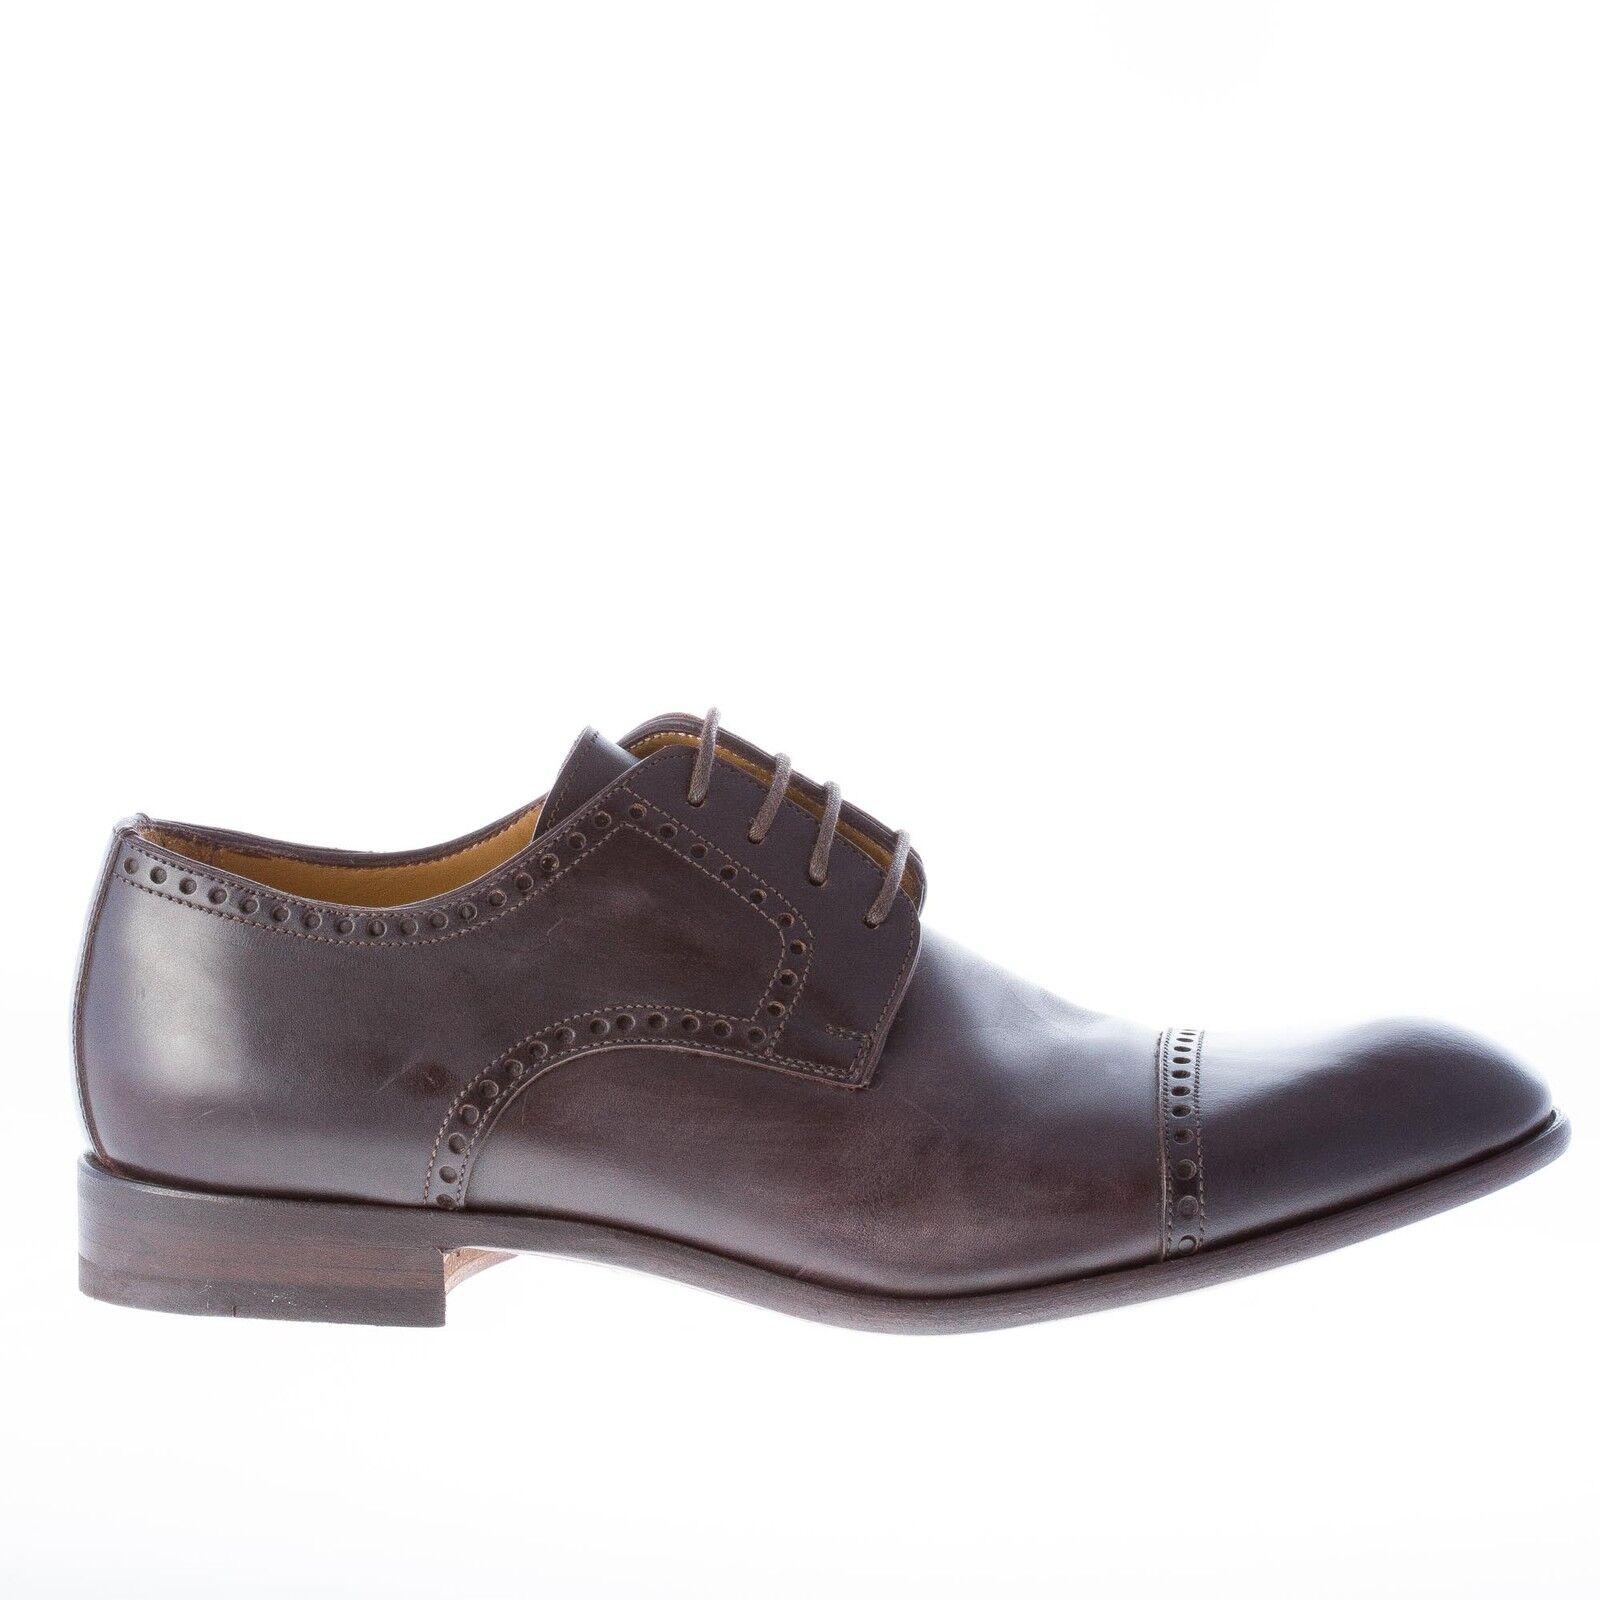 Migliore Hombres Zapatos Hecho En Italia Cuero Marrón Oscuro Derby PERFORADO PUNTERA